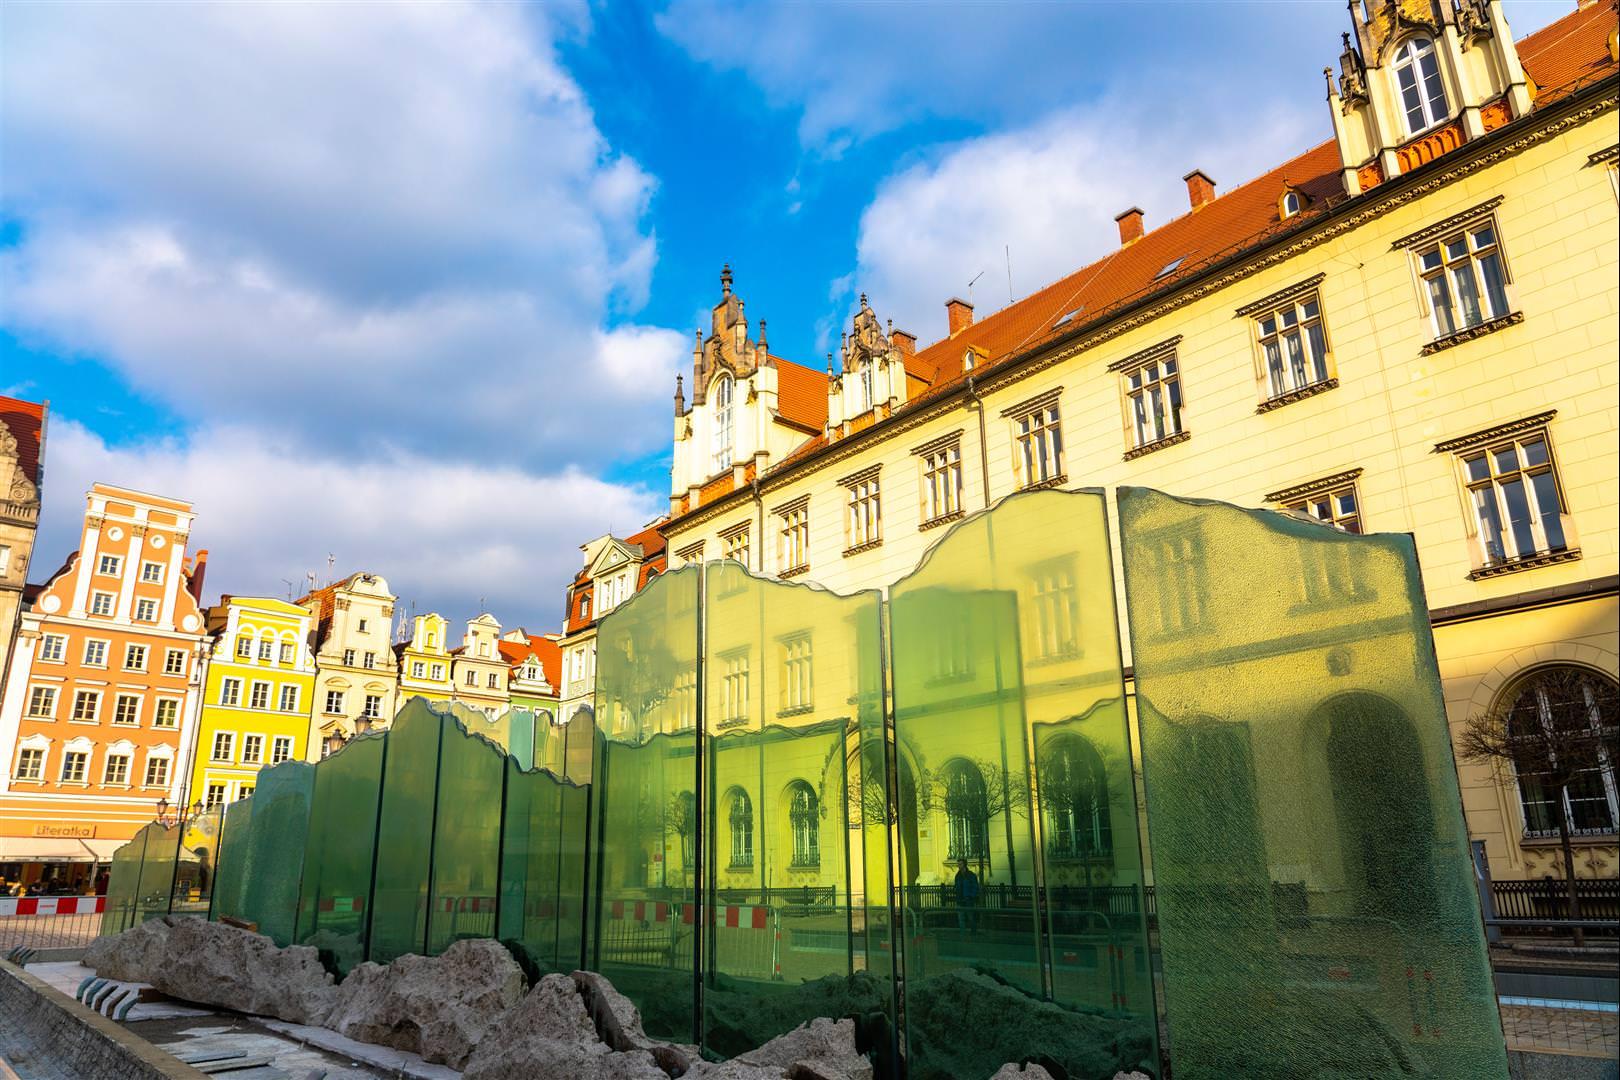 樂斯拉夫市場廣場